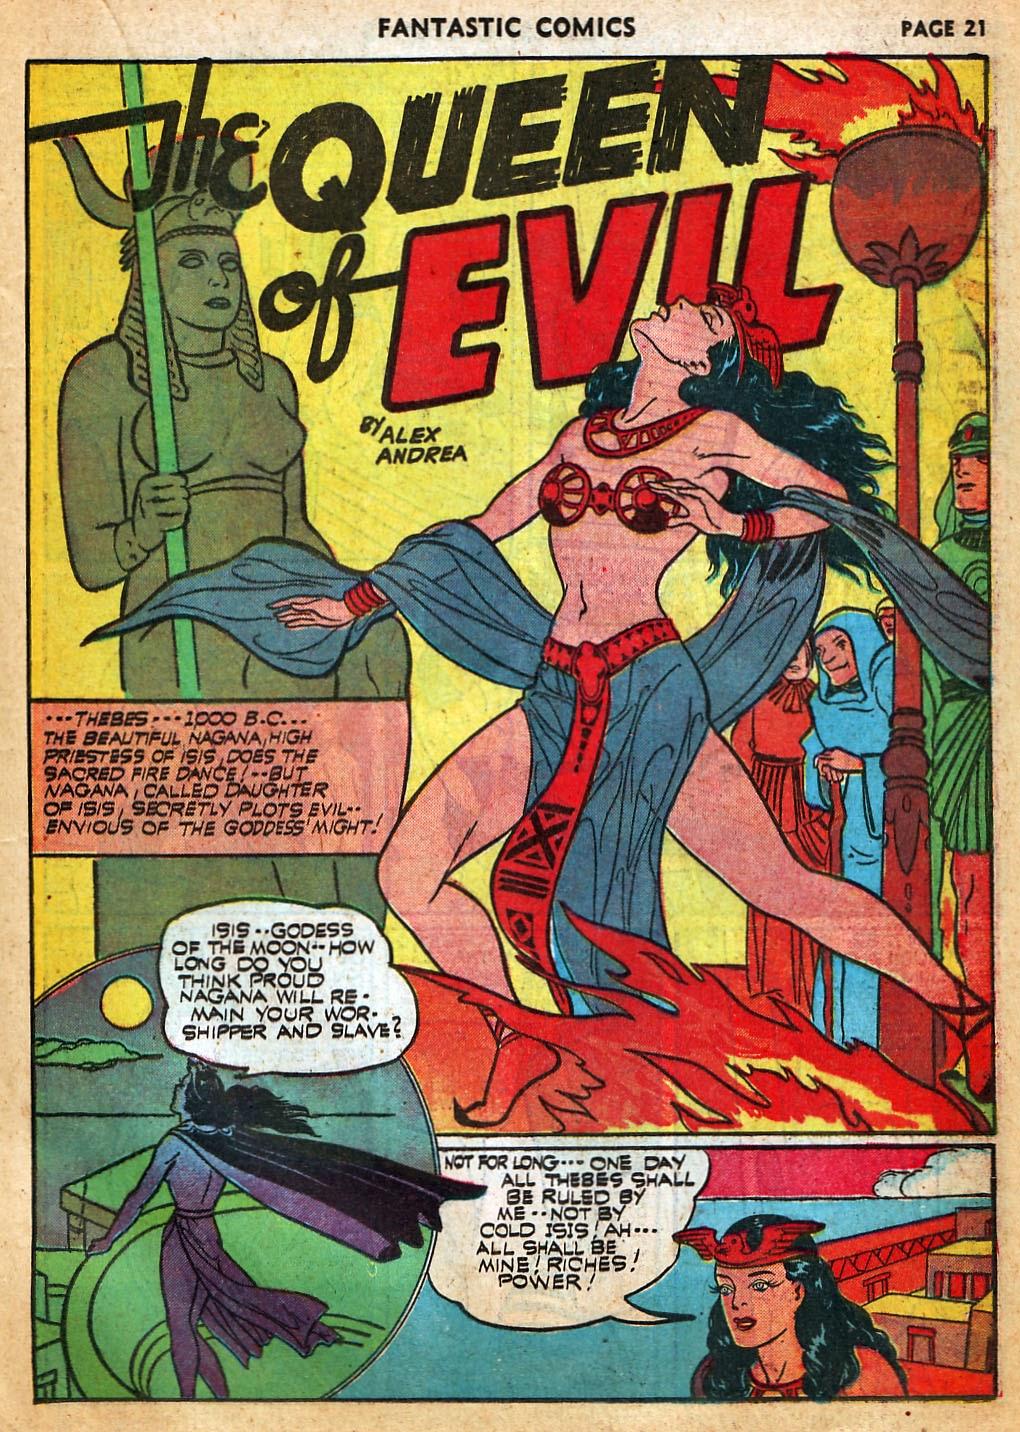 Read online Fantastic Comics comic -  Issue #22 - 23